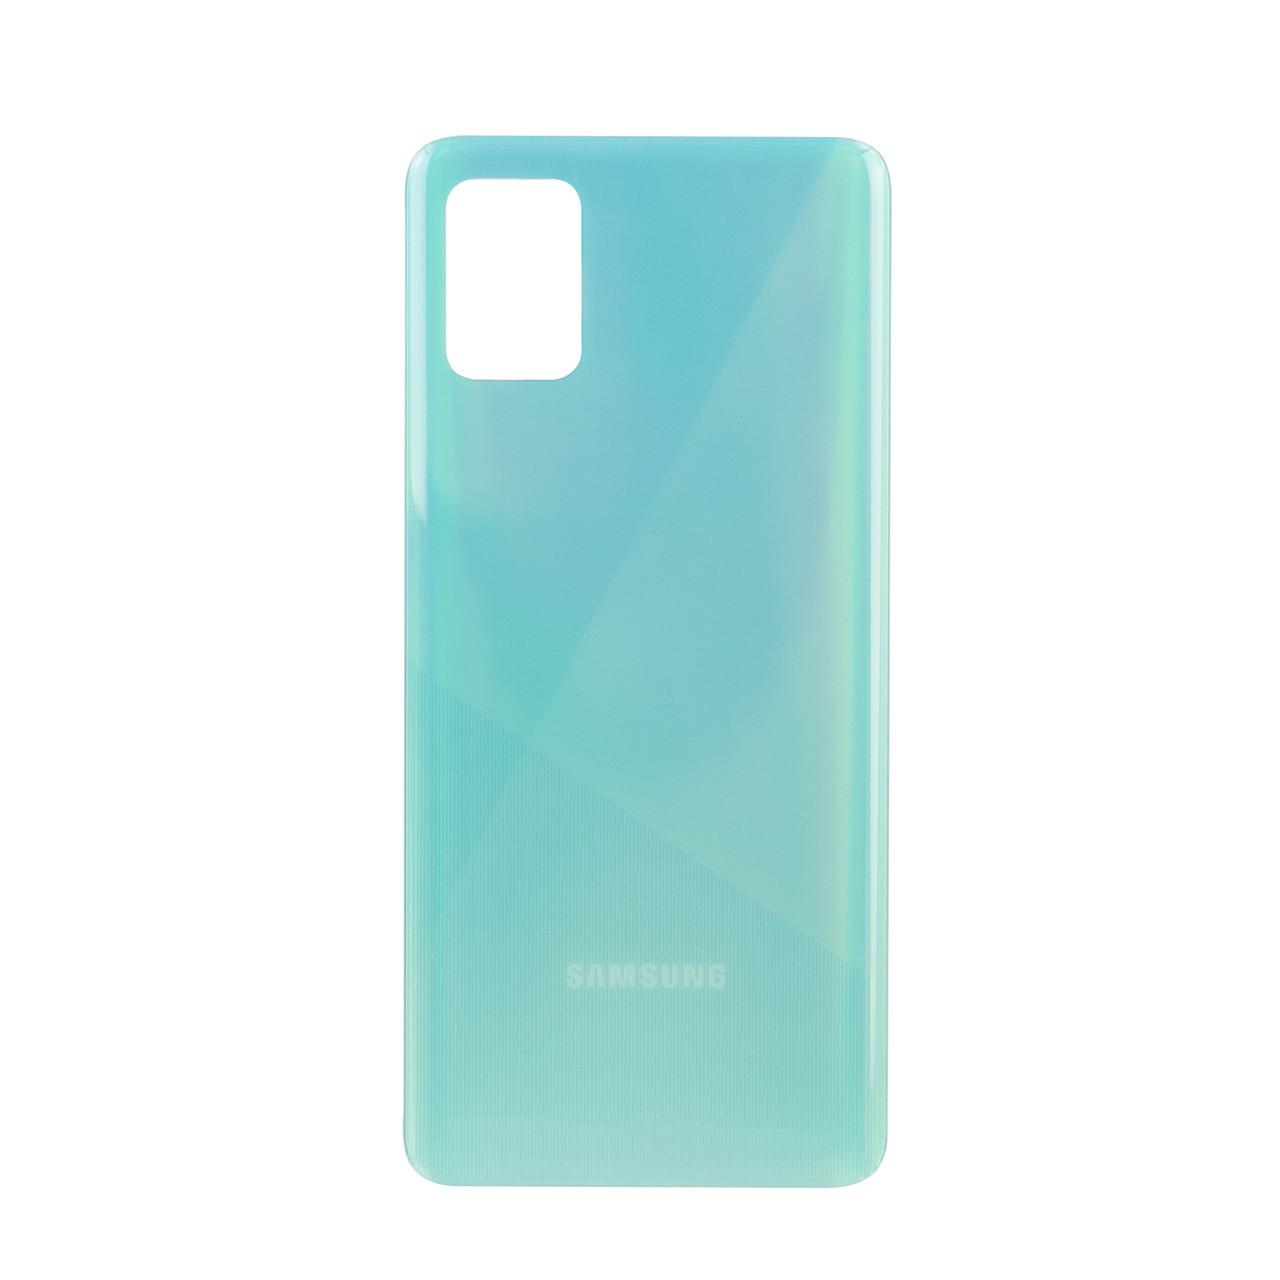 Задняя крышка Samsung Galaxy A51, Blue